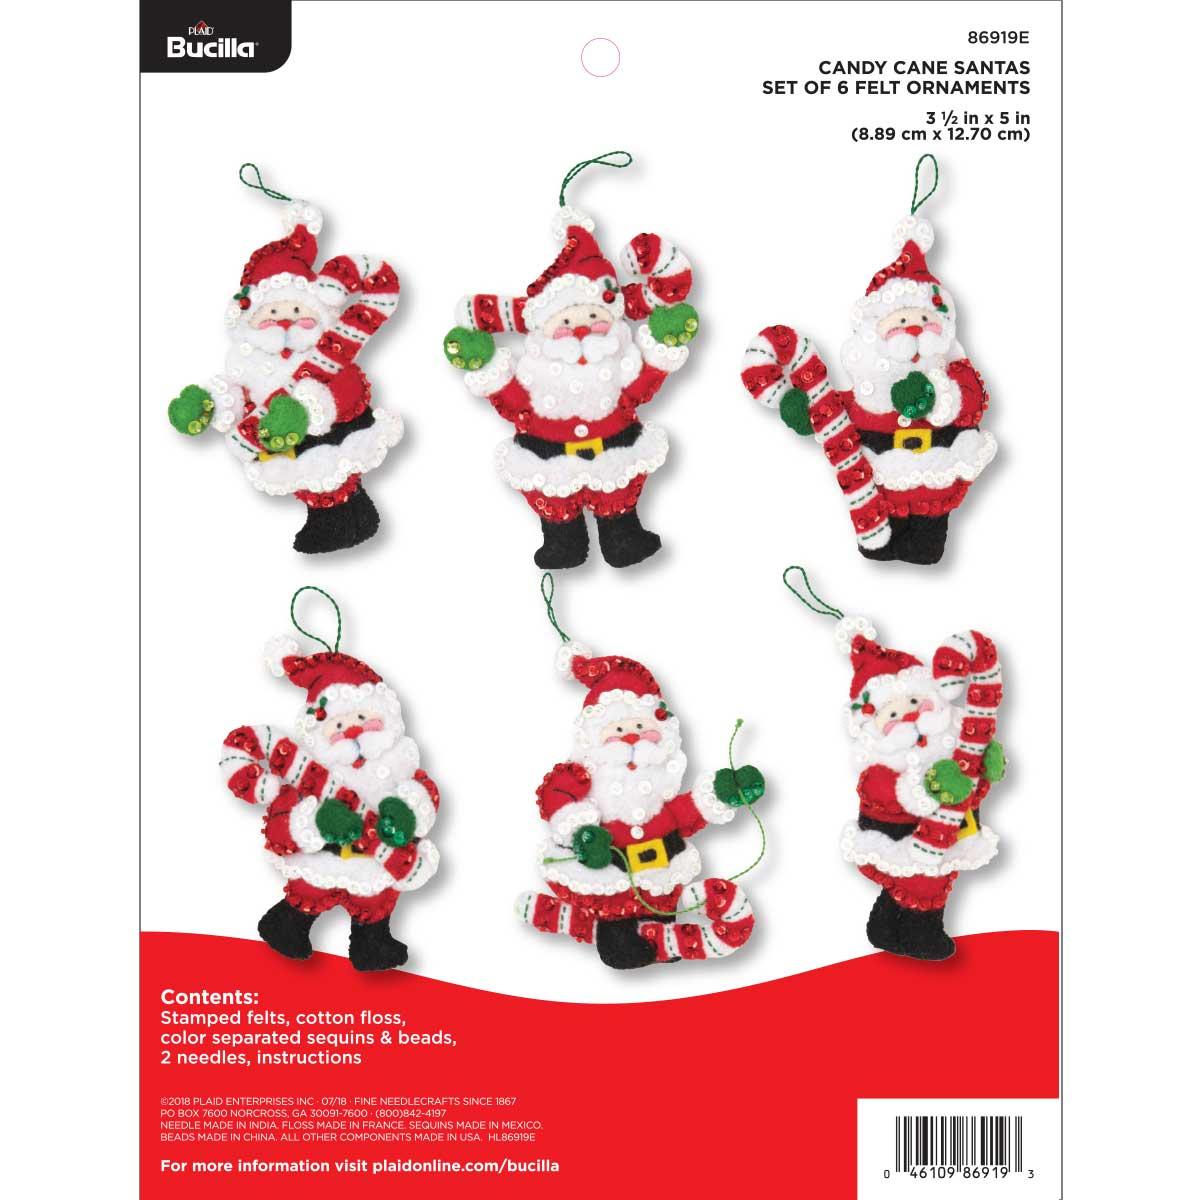 Bucilla ® Seasonal - Felt - Ornament Kits - Candy Cane Santas - 86919E